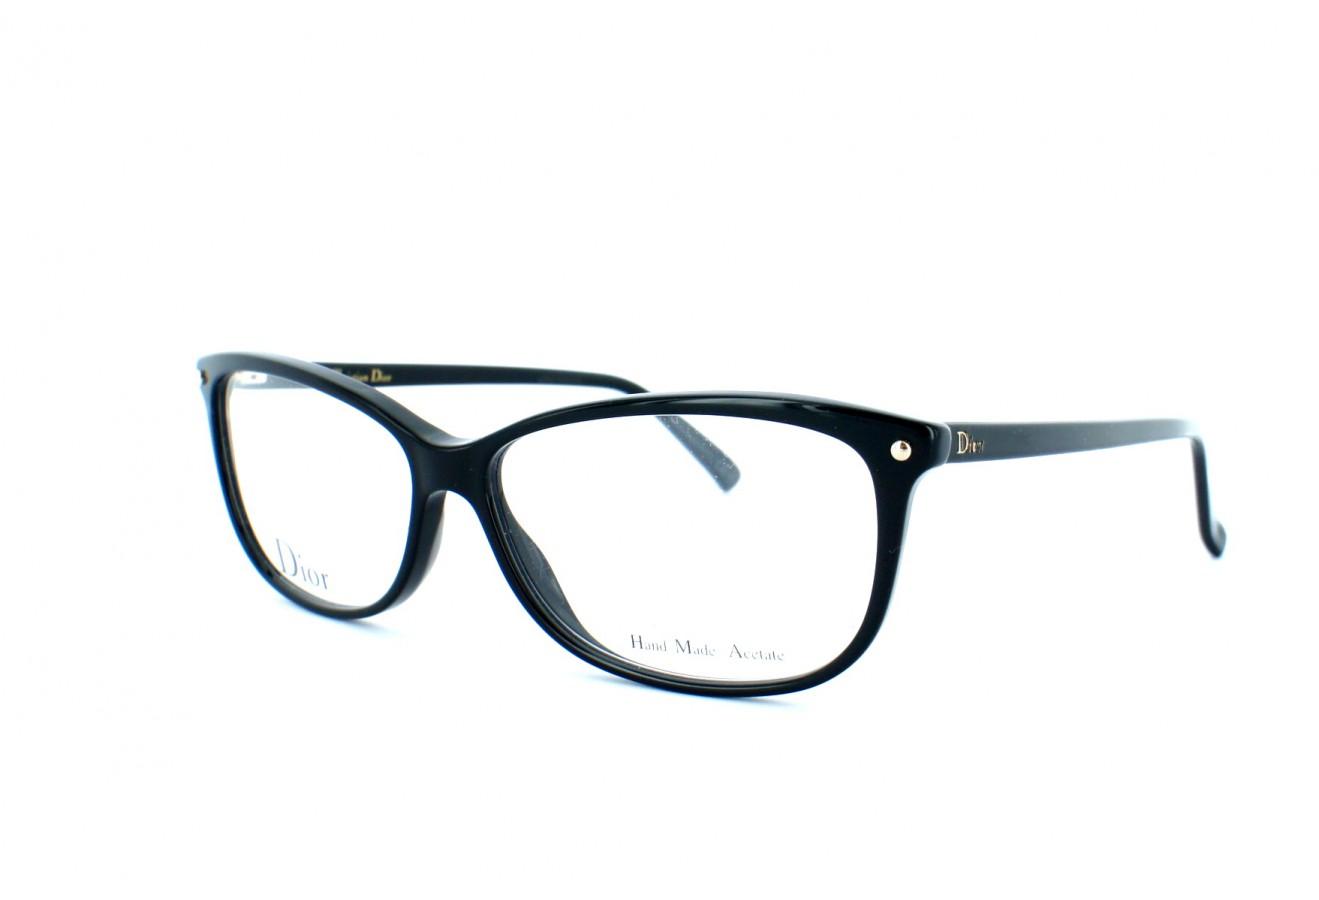 L'univers des lunettes en ligne à découvrir ici